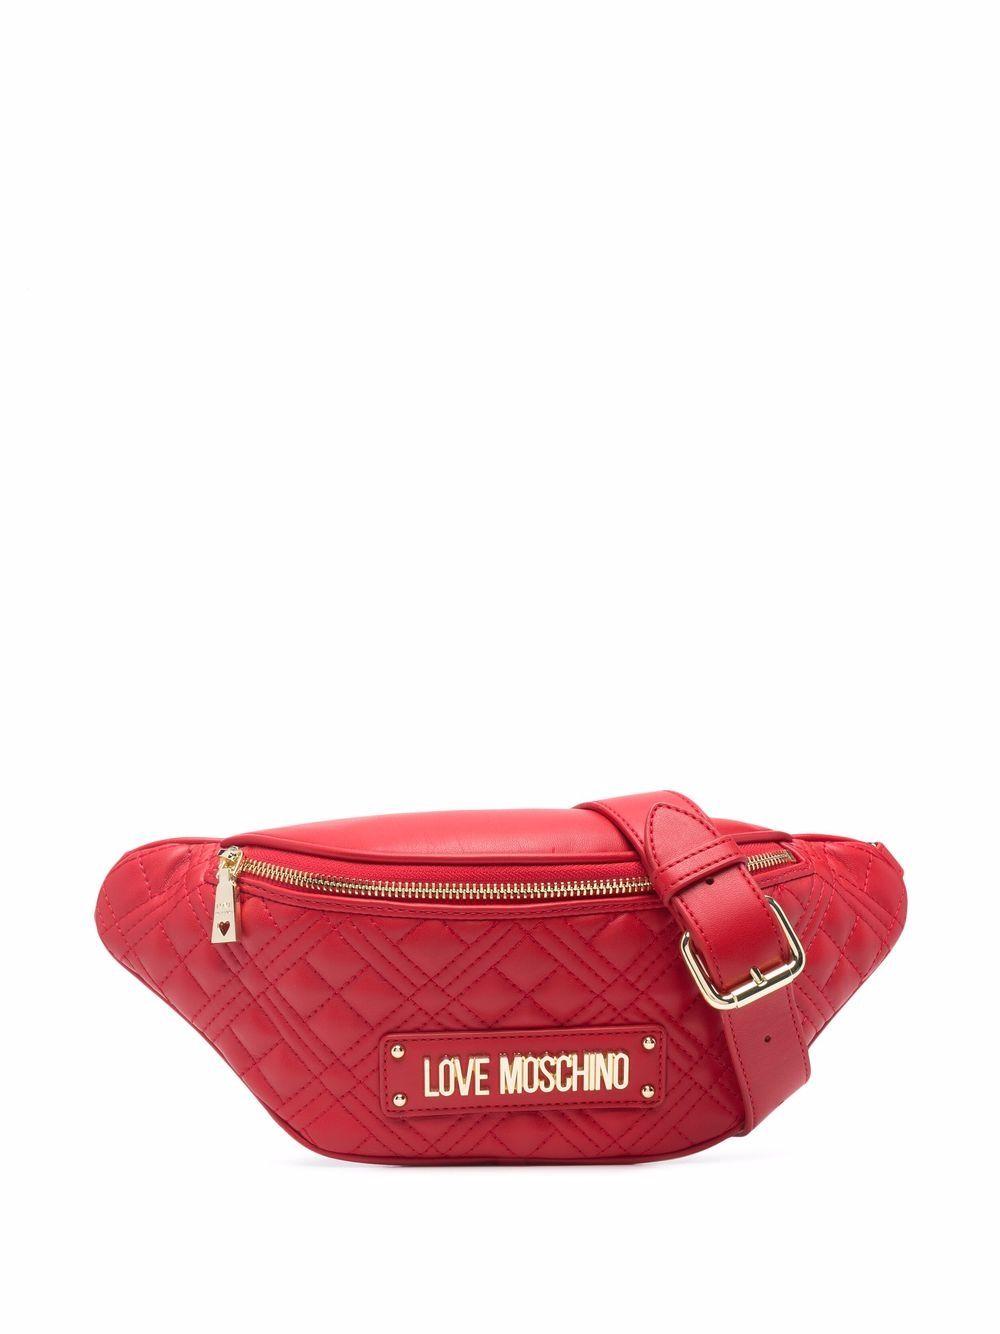 Love Moschino Gürteltasche aus Faux-Leder - Rot